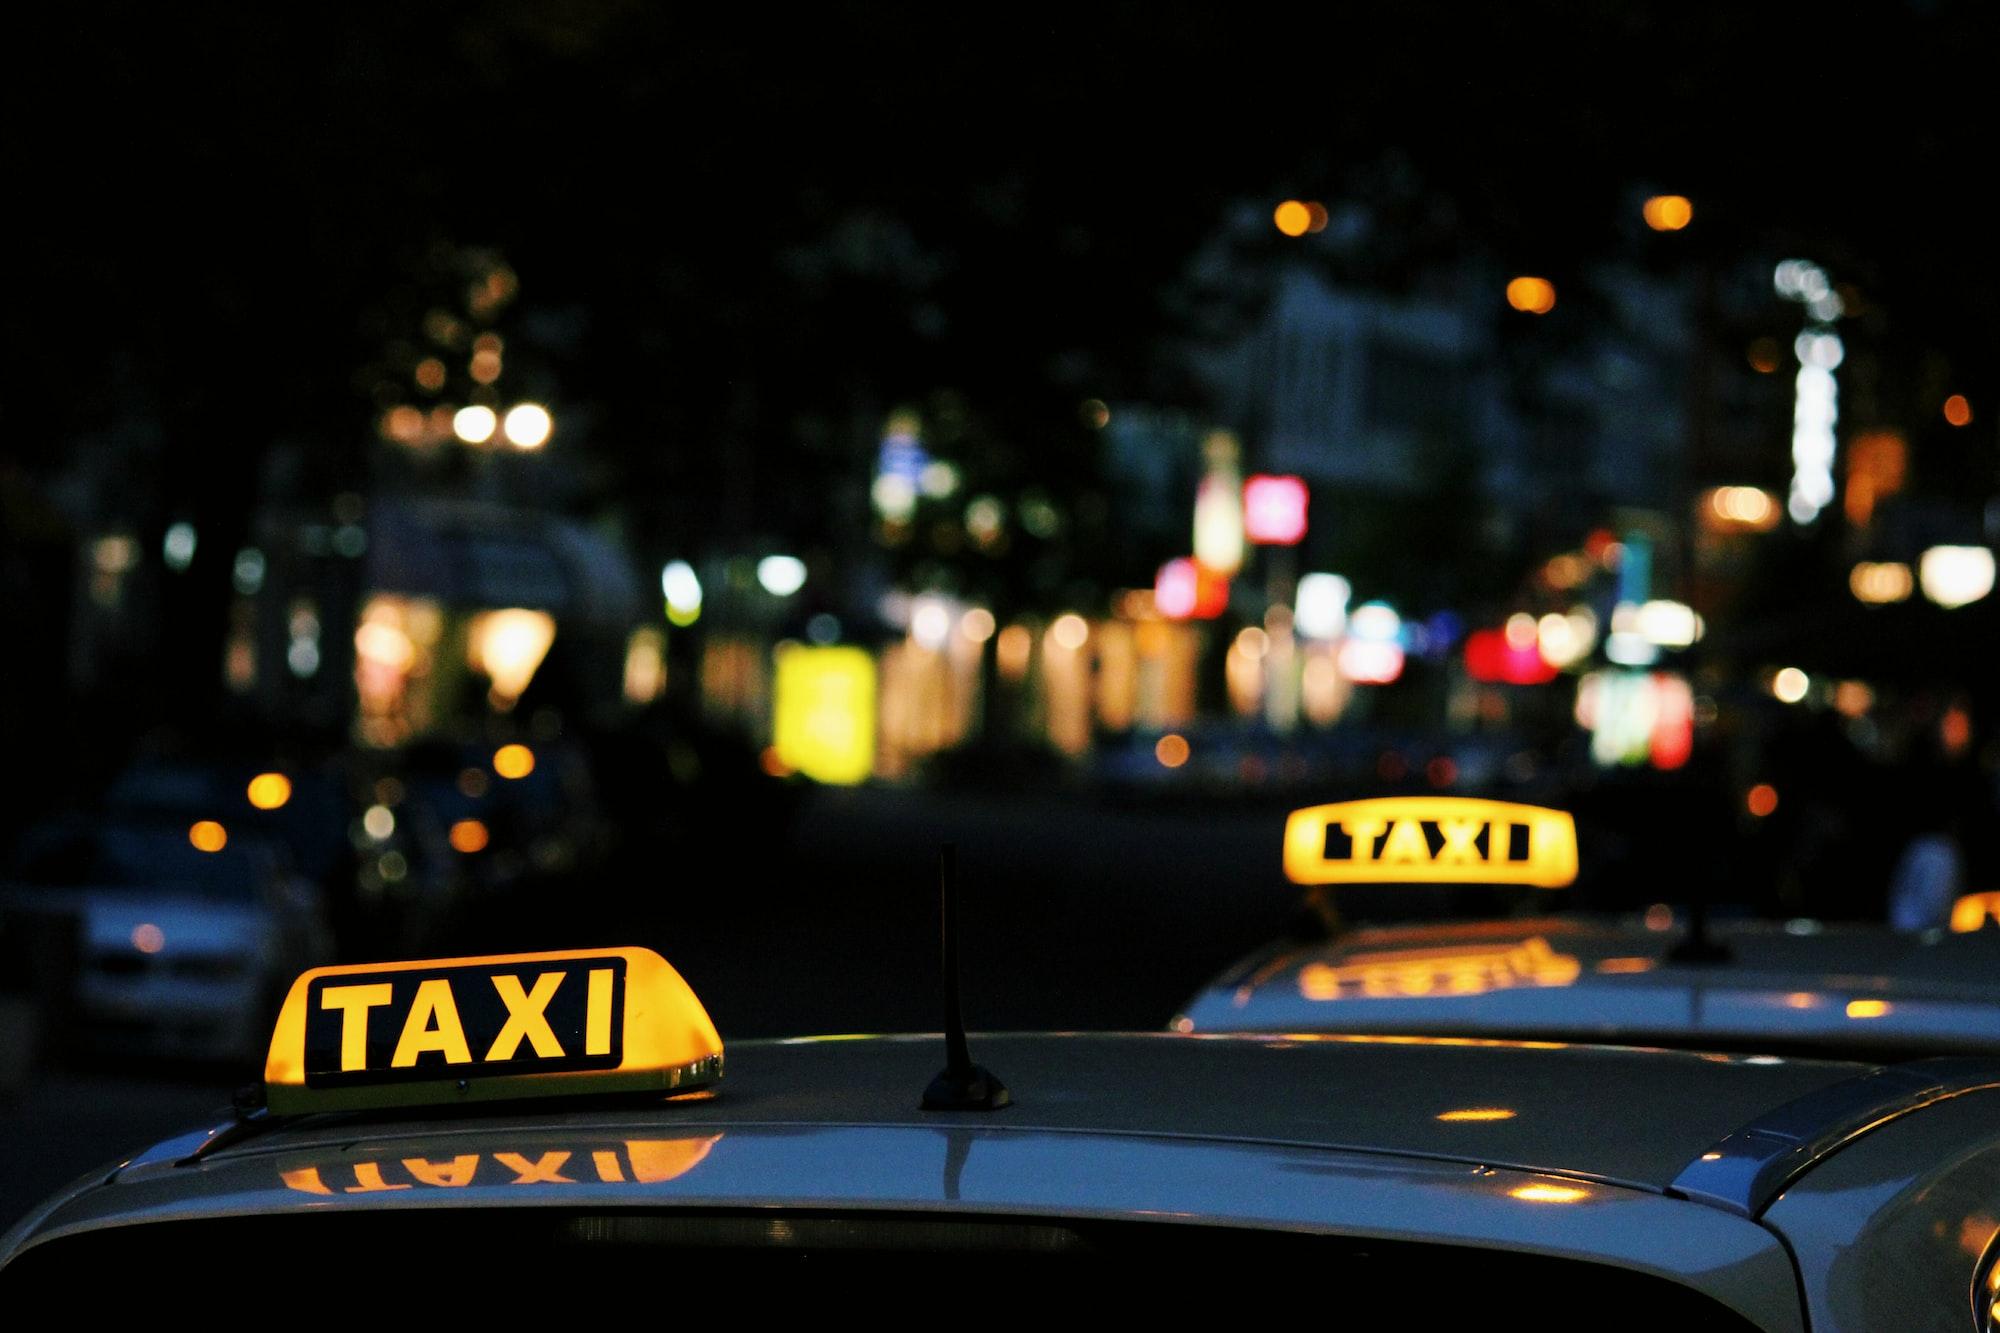 Taxistas generan $10.600.000 en Beat y demuestran que la integración digital es el futuro